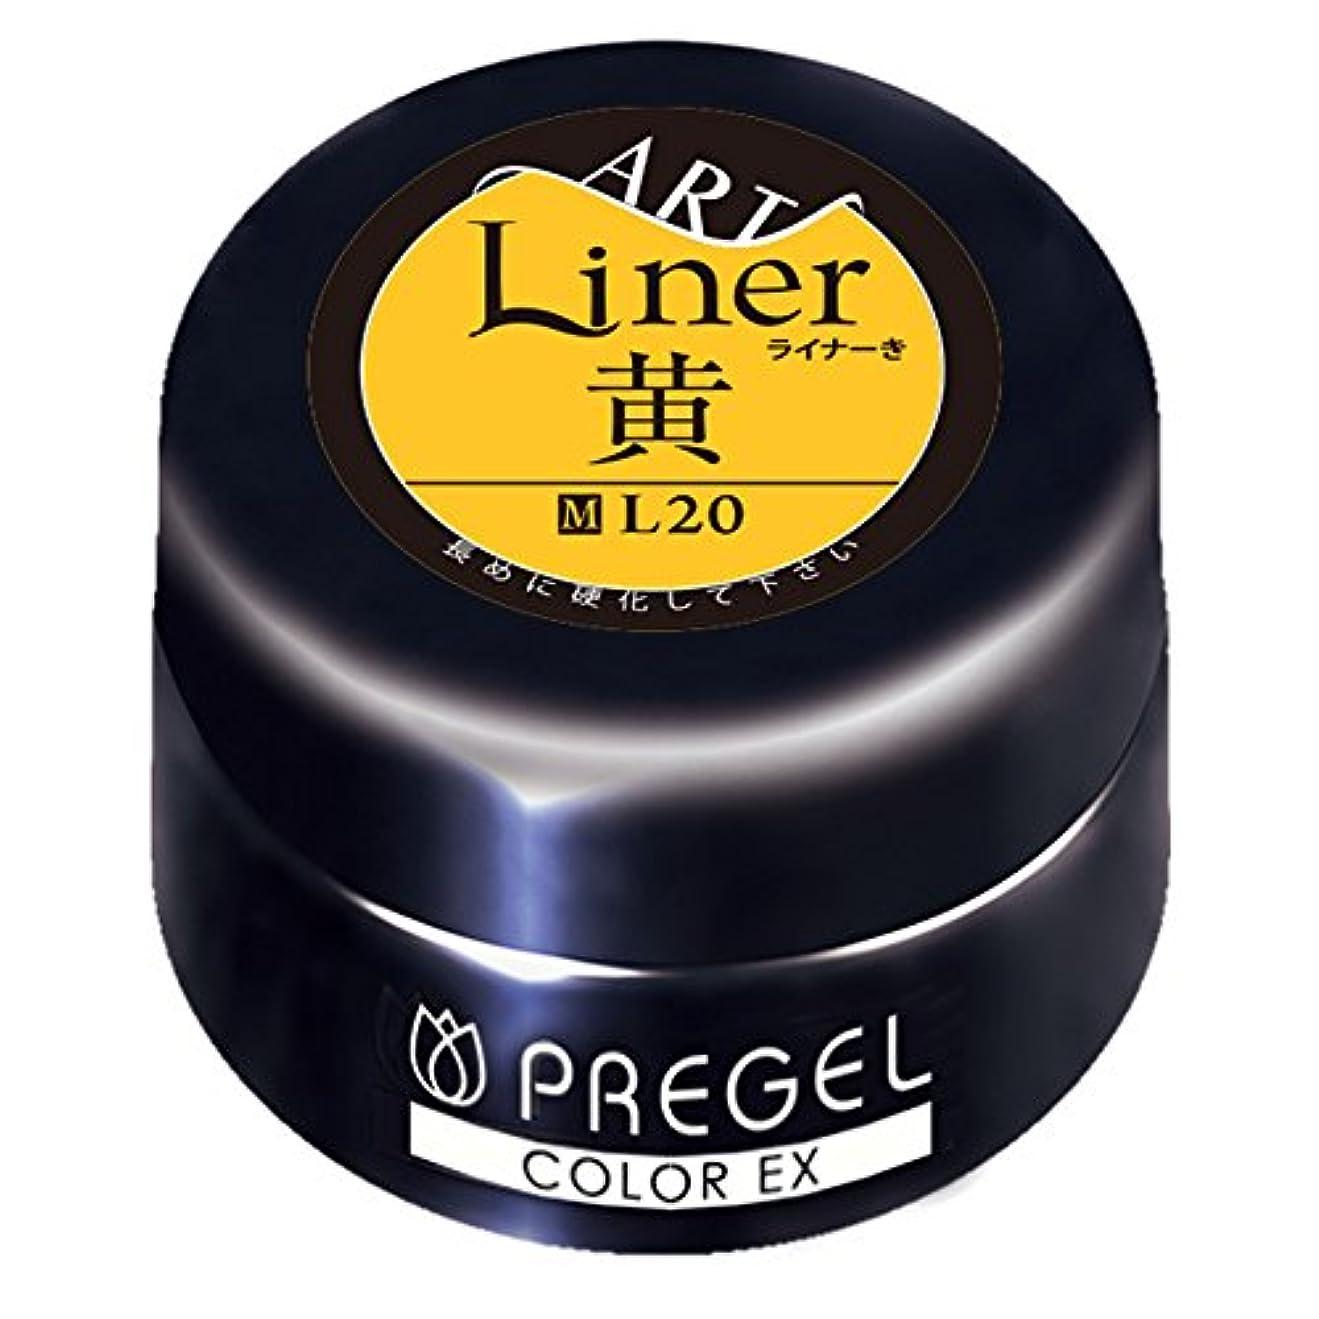 衝突野ウサギ遅いPRE GEL カラーEX ライナー黄 3g PG-CEL20 UV/LED対応